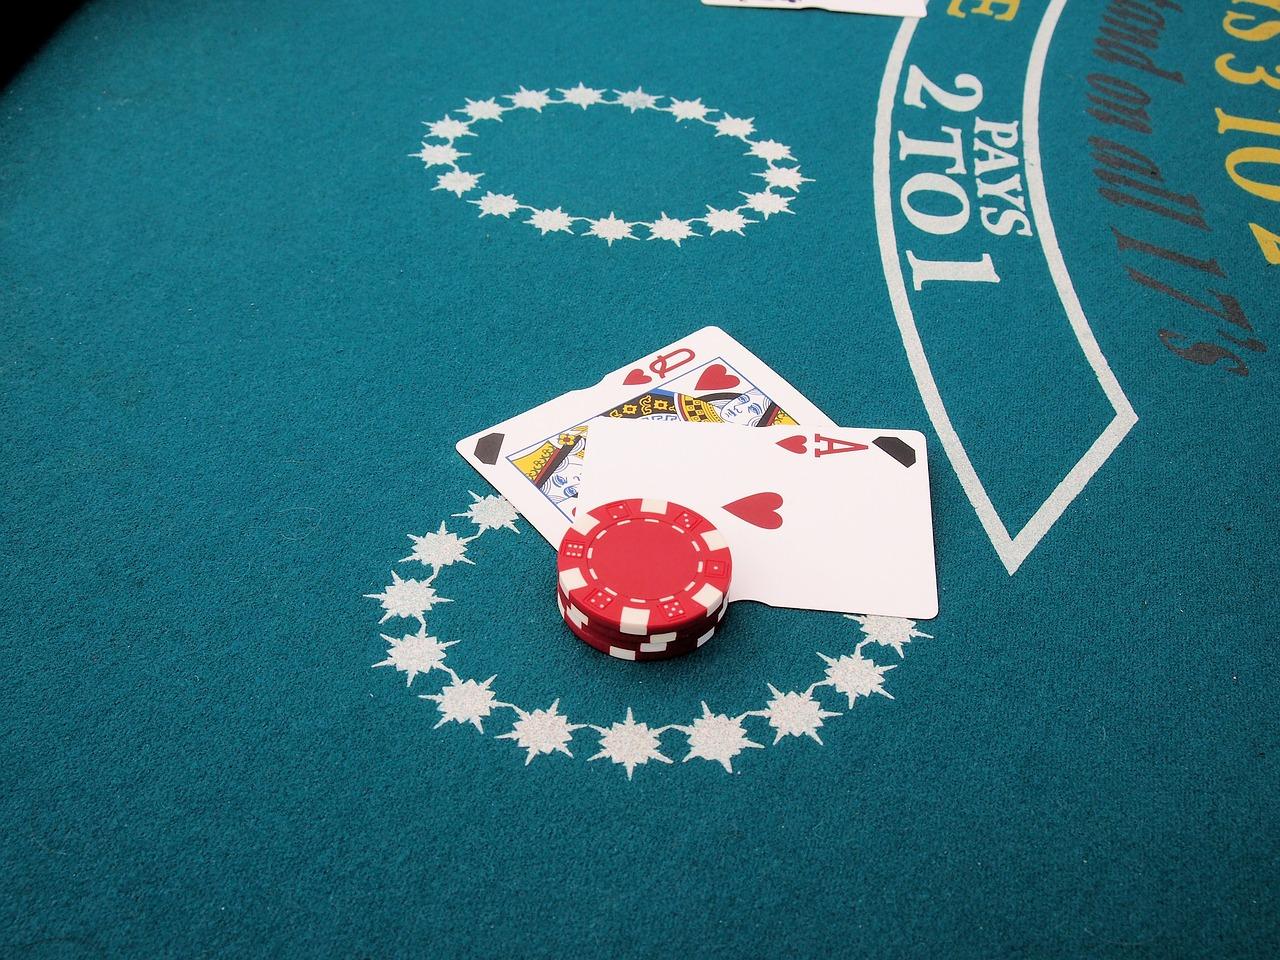 Spielbank Online Ohne Geld Einzahlen Guthaben